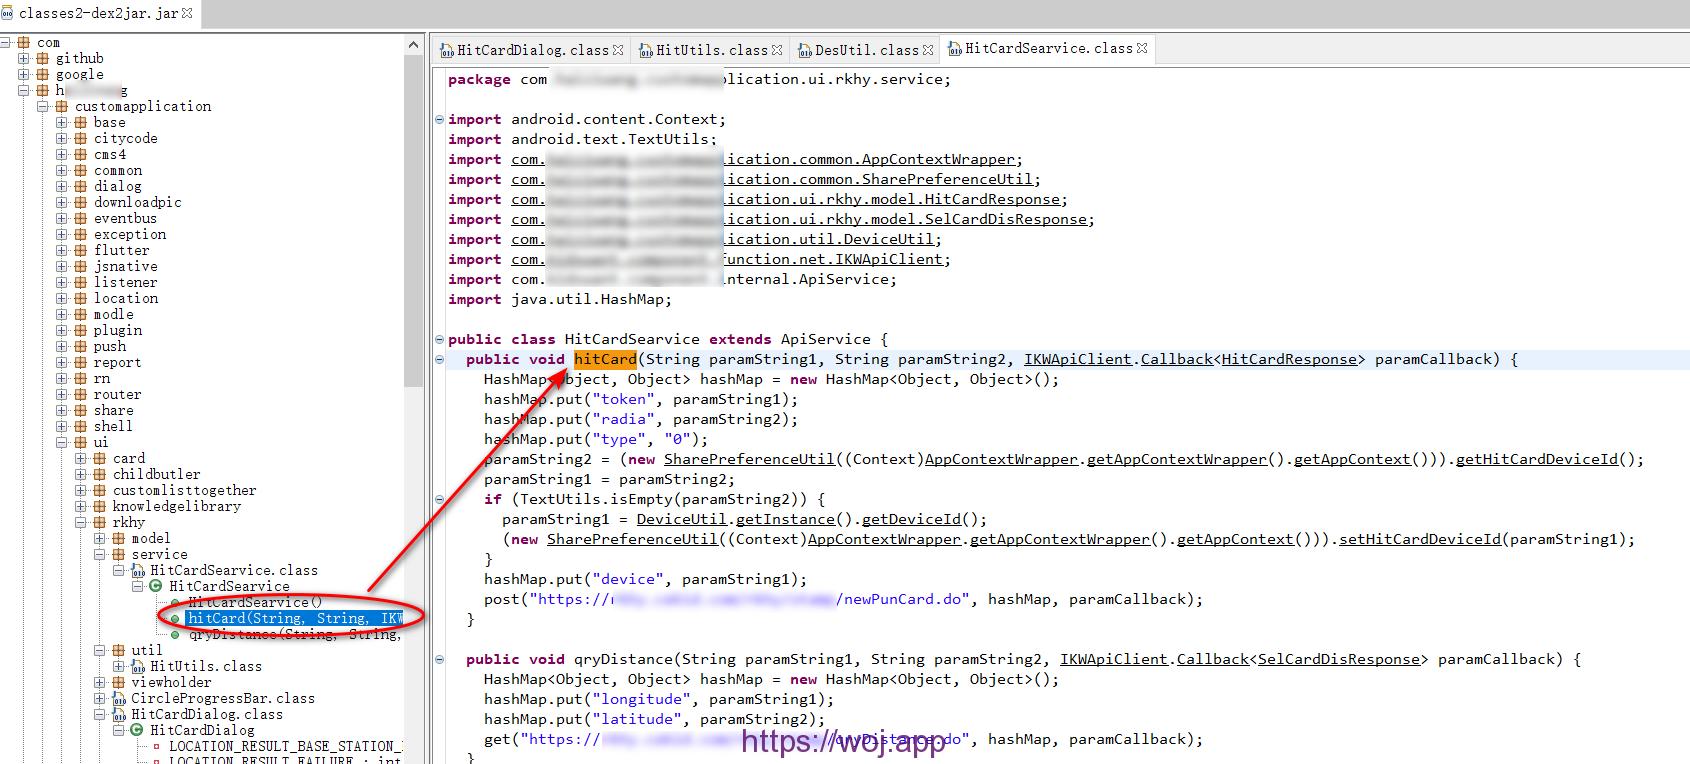 逆向APP 分析token加密方法 伪造签名